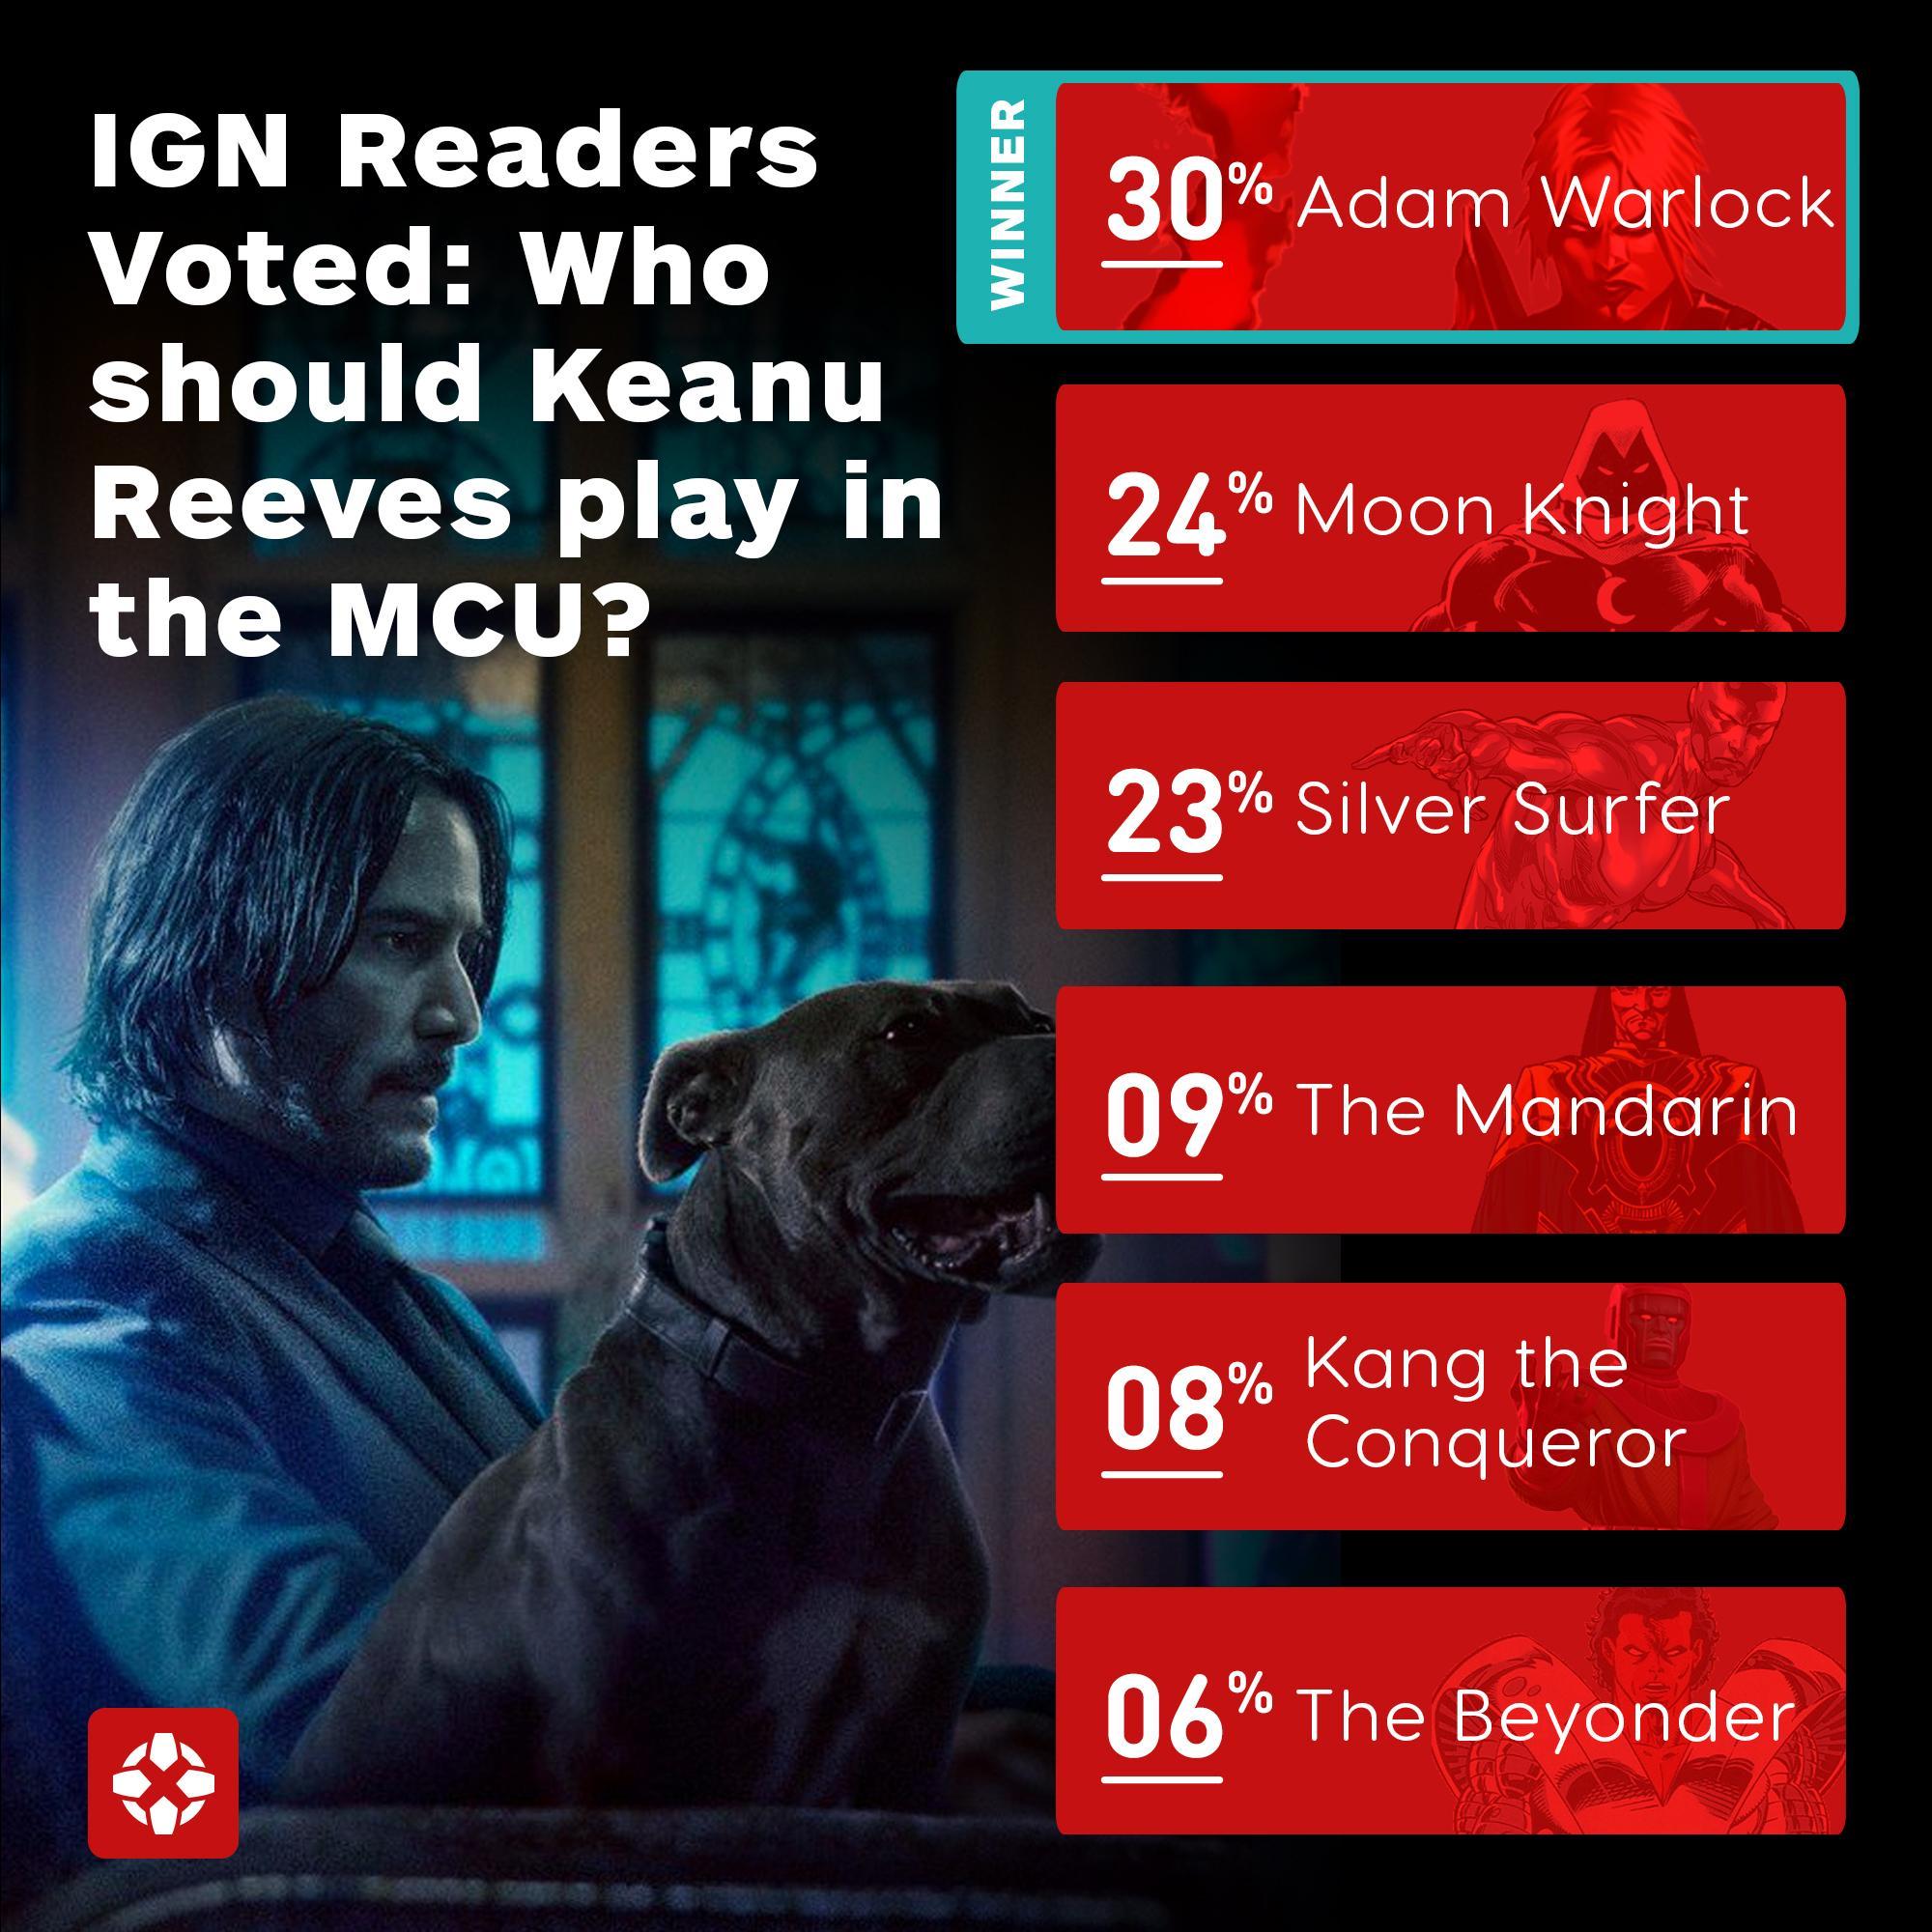 基努·里维斯漫威角色票选 第1是《银护2》彩蛋角色